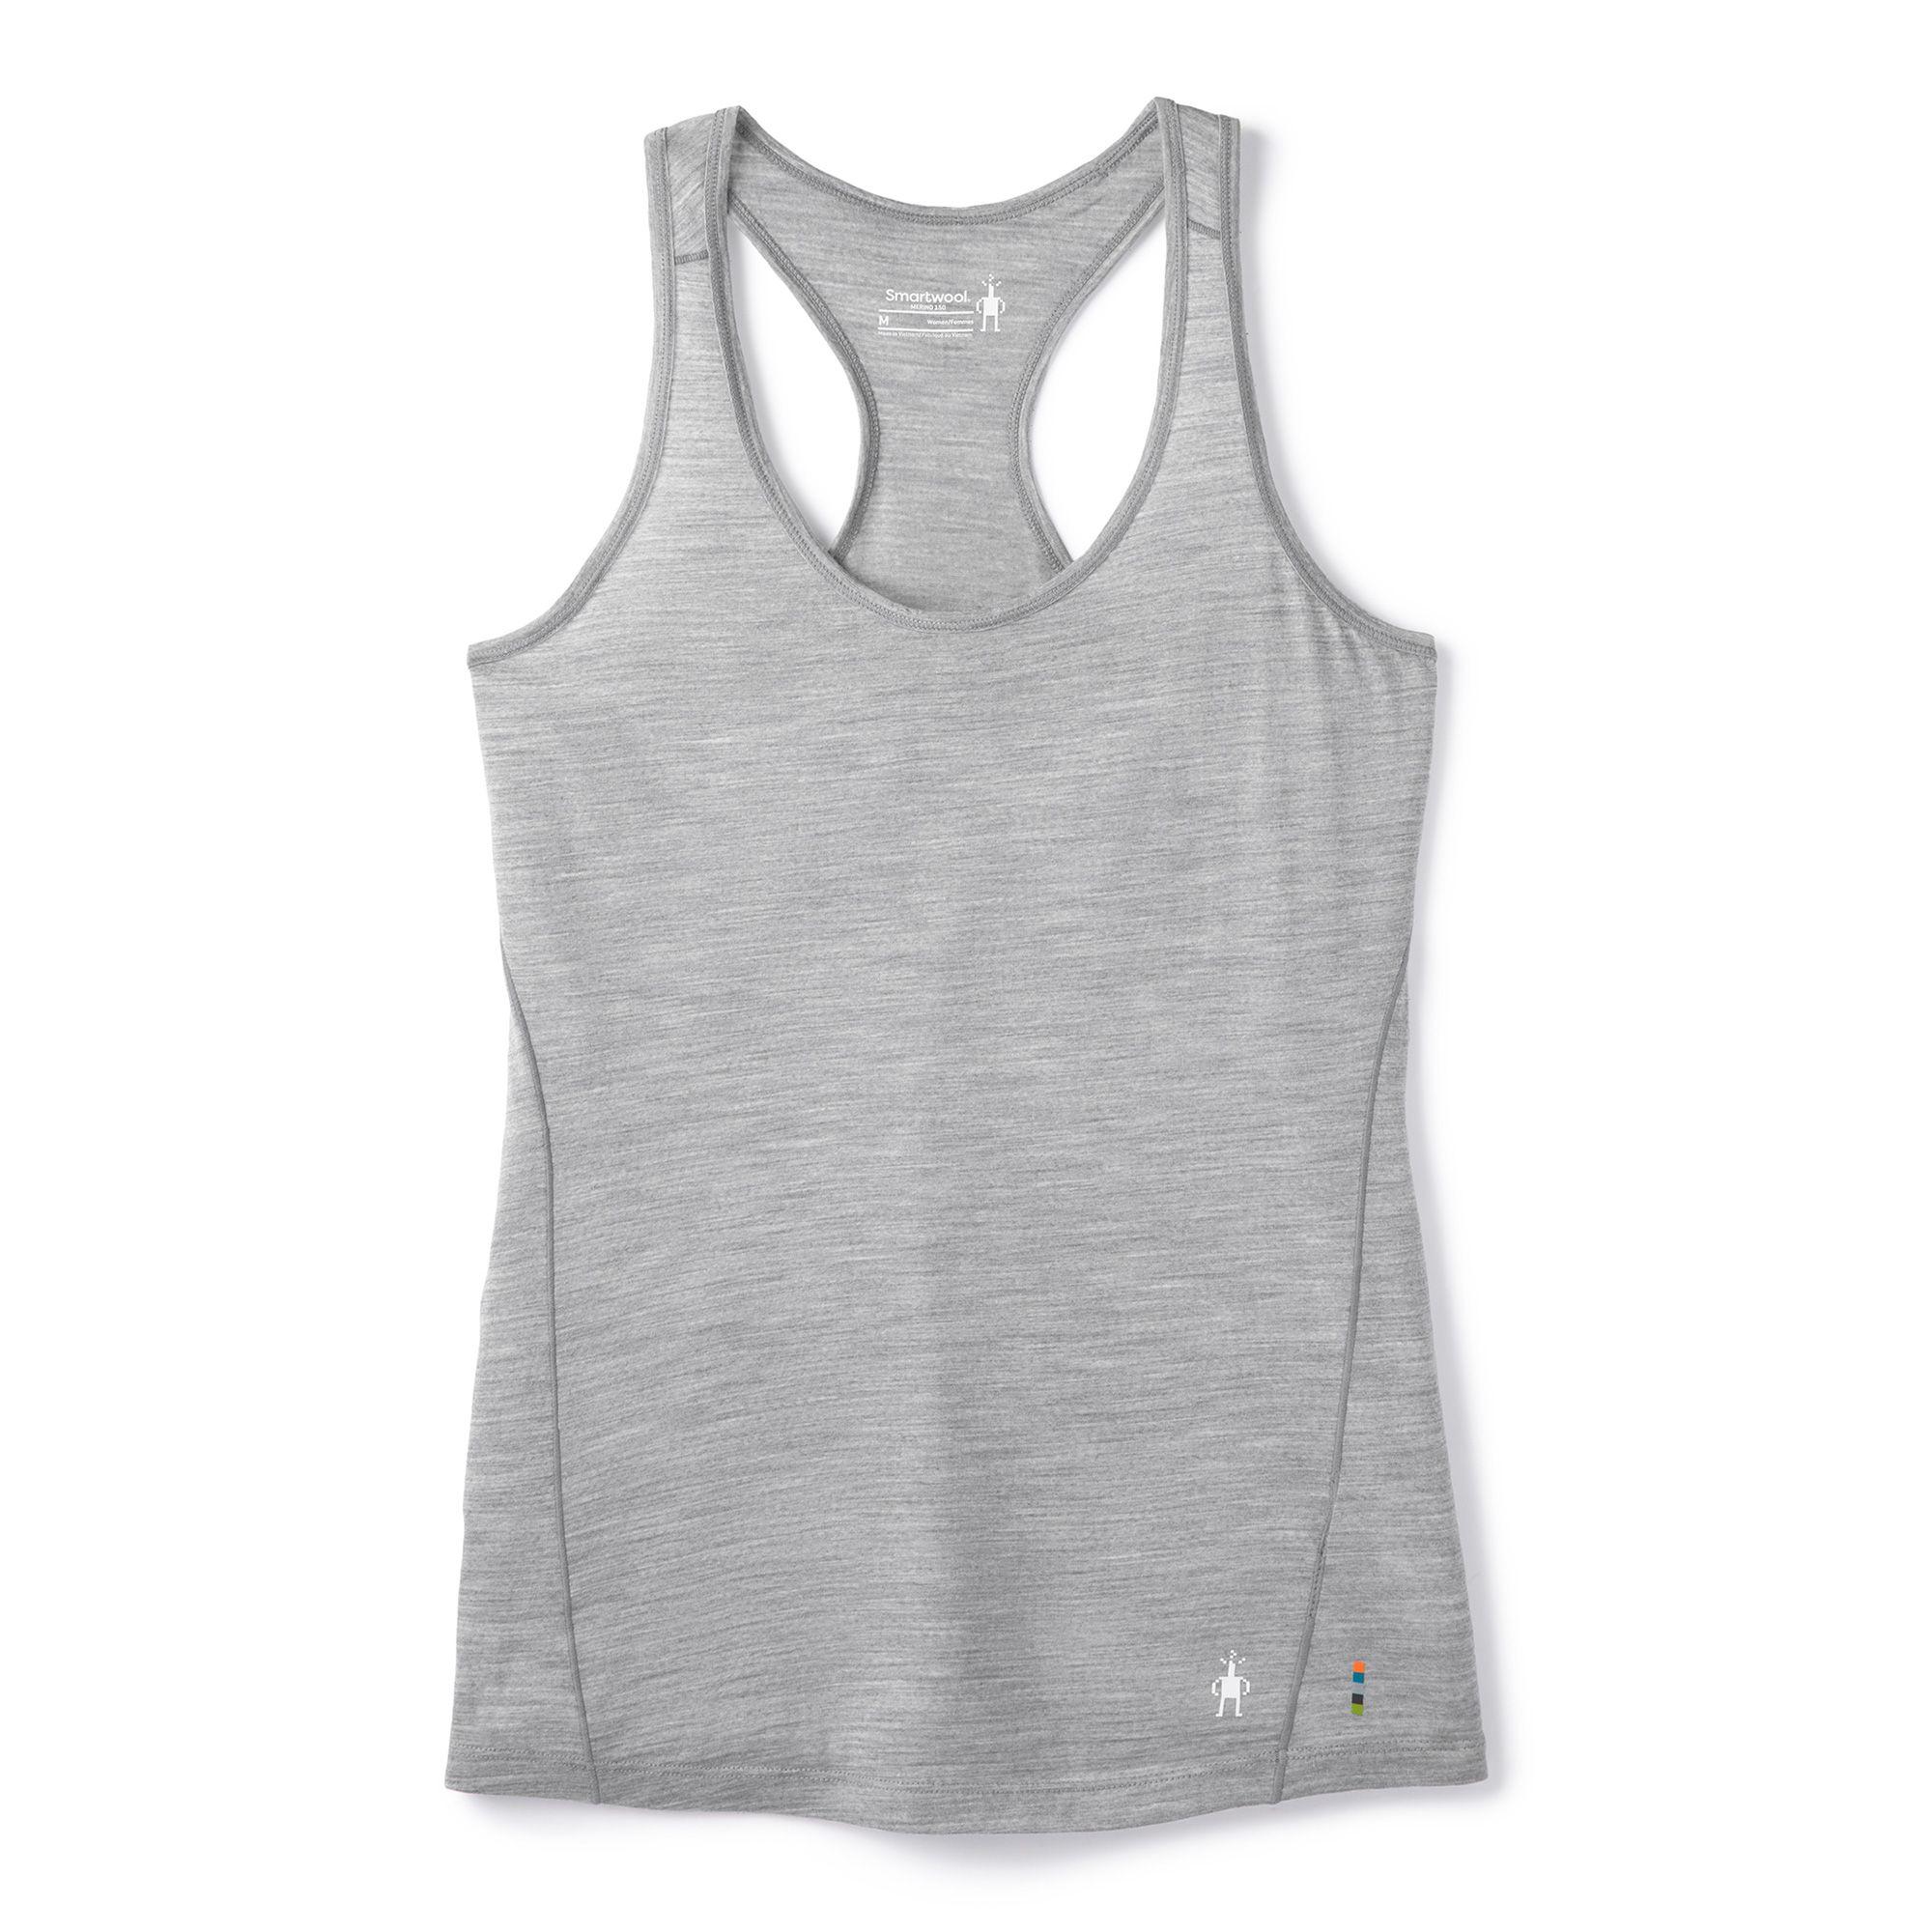 Vêtement de base sans manches Merino150 pour femmes